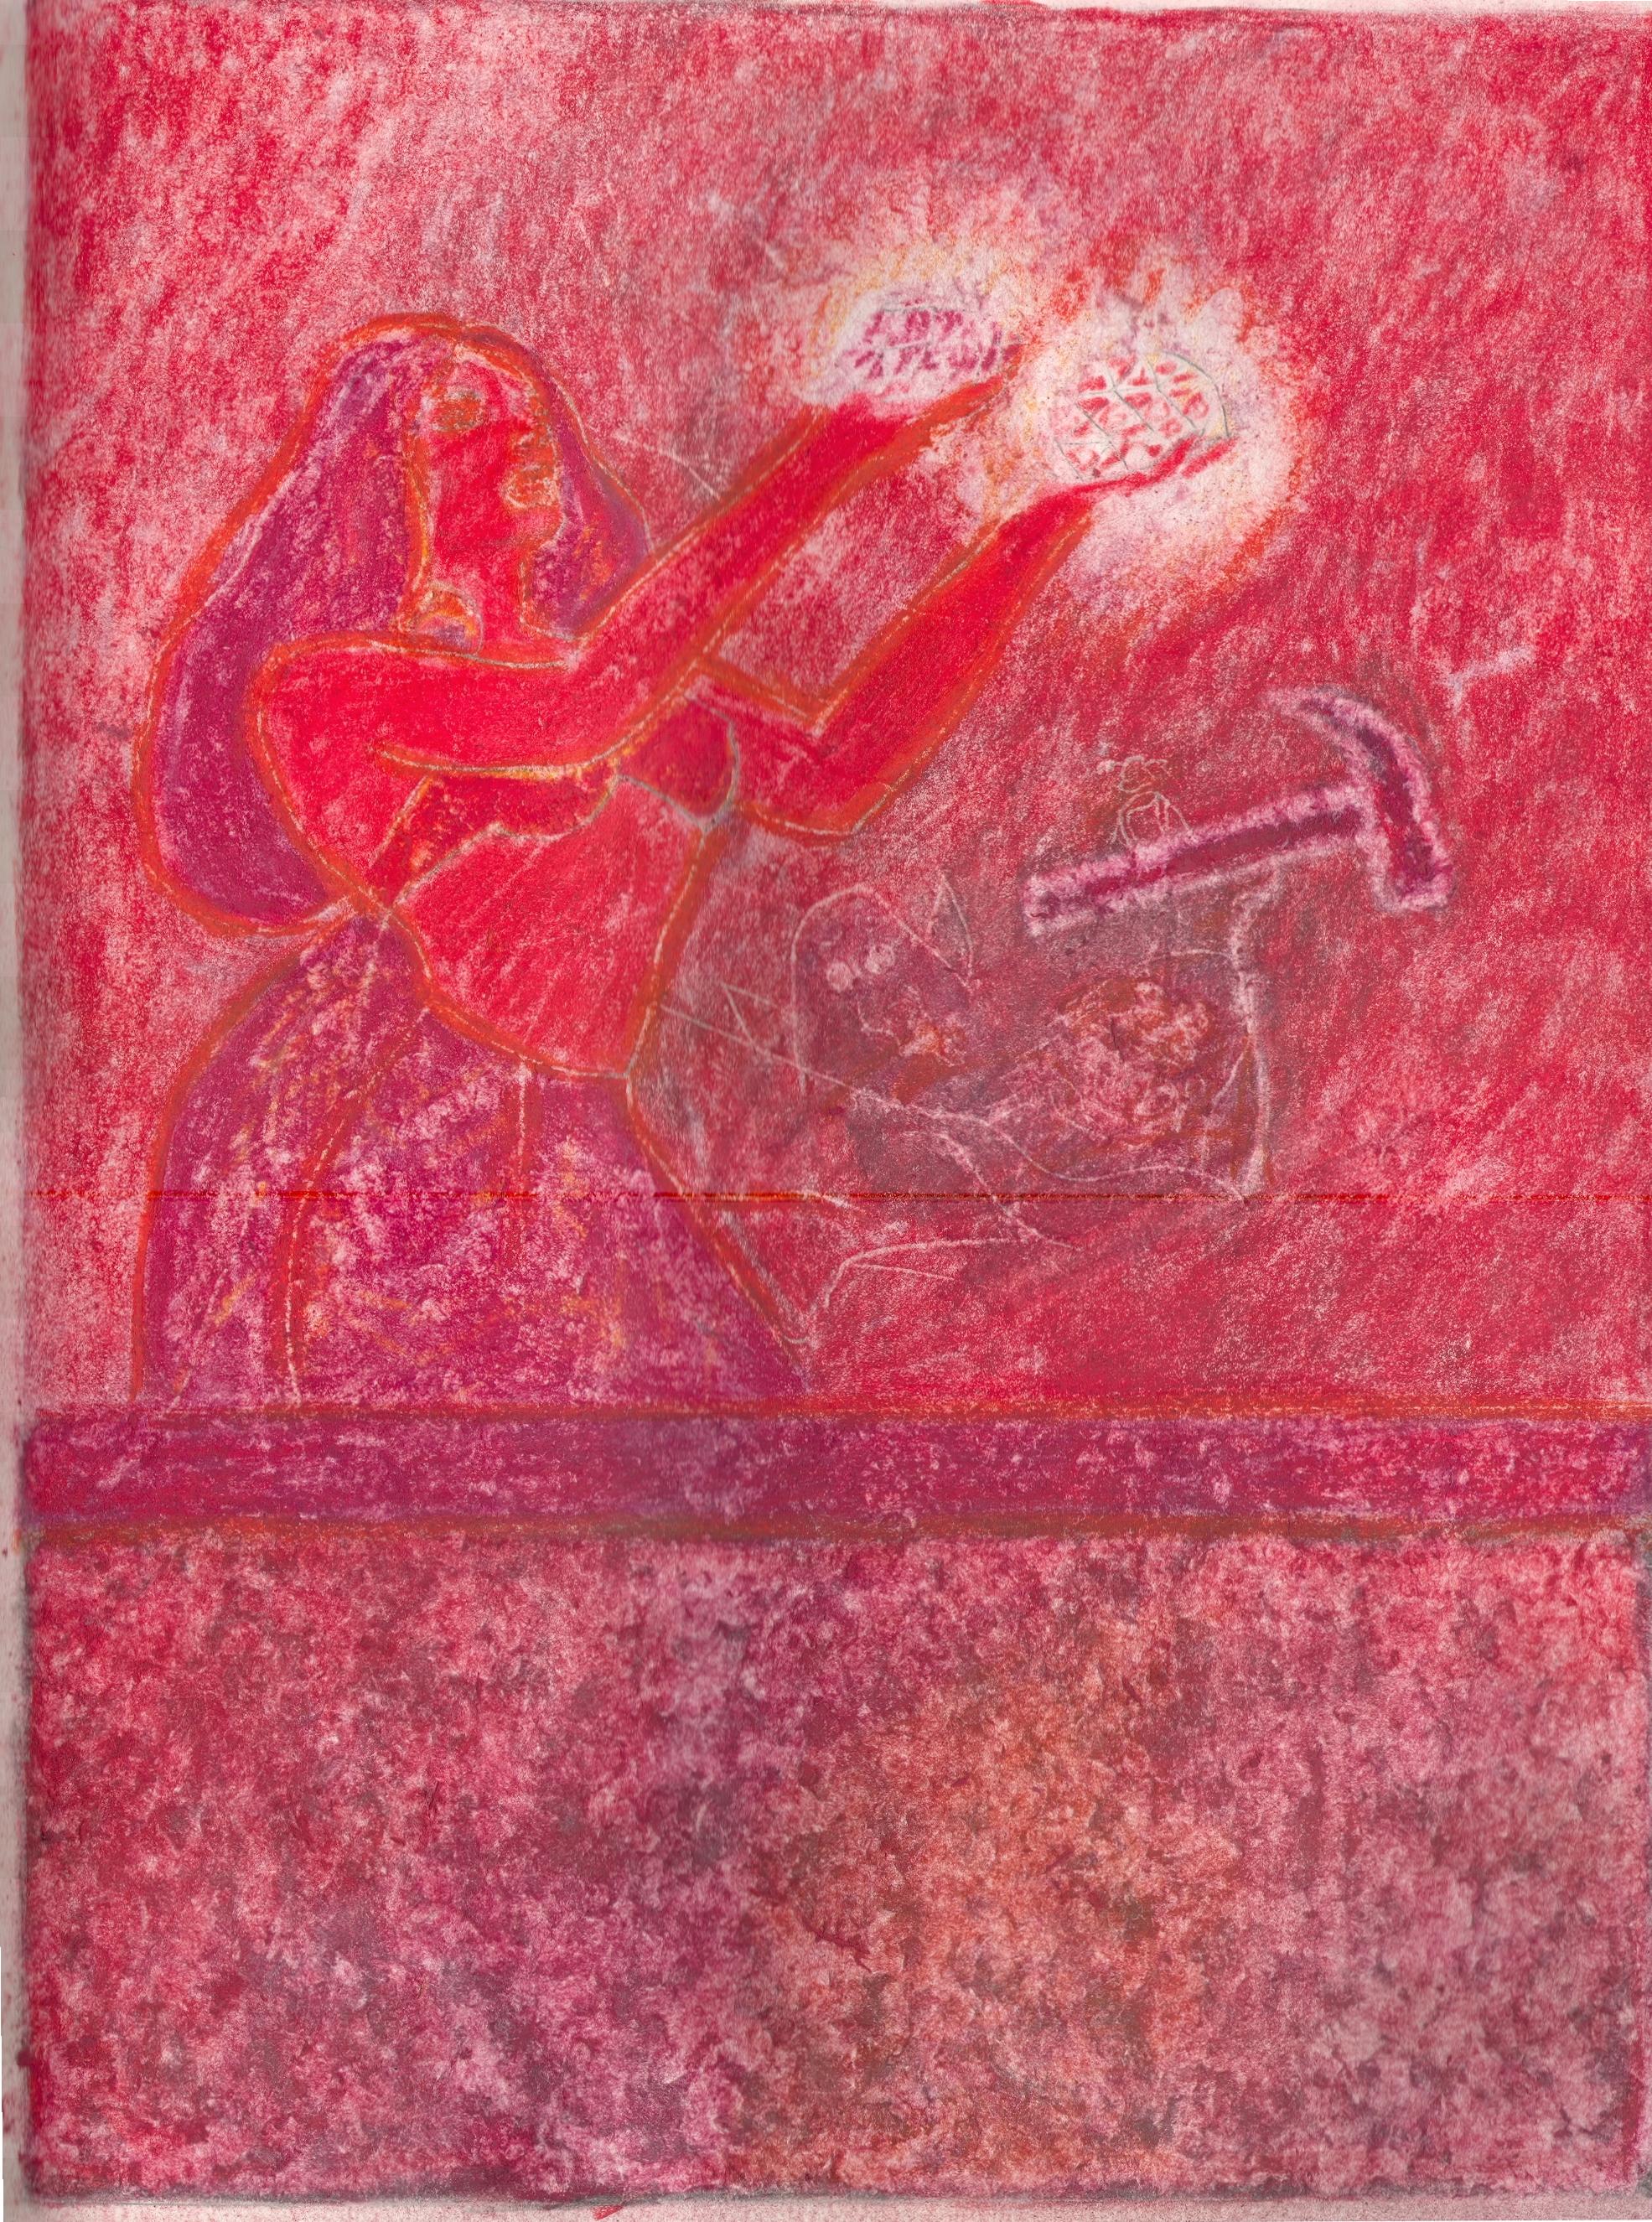 O.T. ( Pinup Minerals ), 2019  Buntstift auf Papier, 26x35.5cm